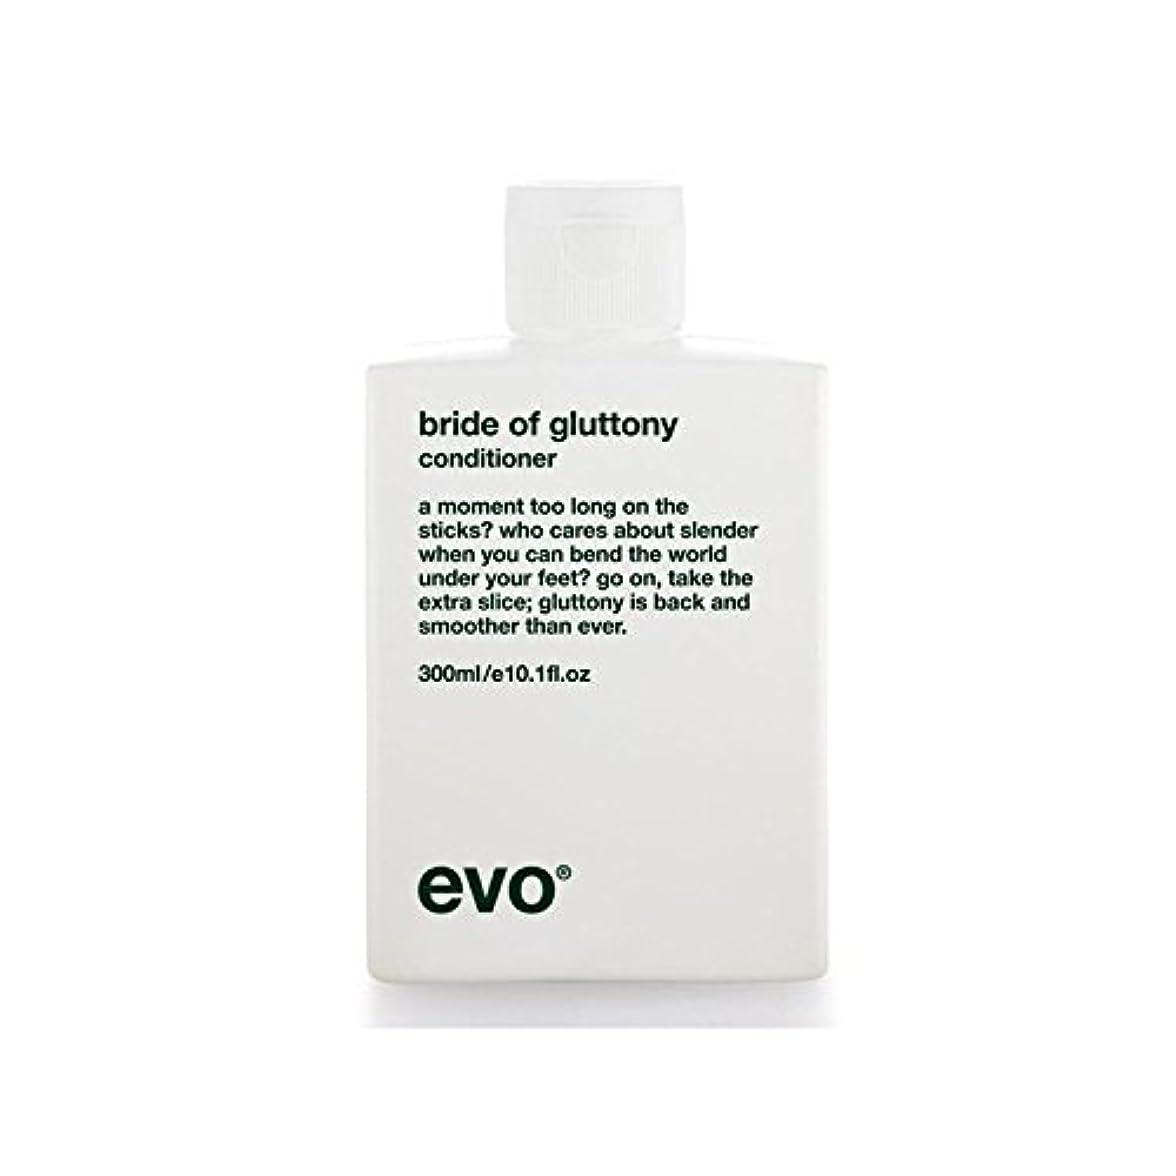 めまいがバルブ原理飽食のボリュームコンディショナーのエボ花嫁 x2 - Evo Bride Of Gluttony Volume Conditioner (Pack of 2) [並行輸入品]